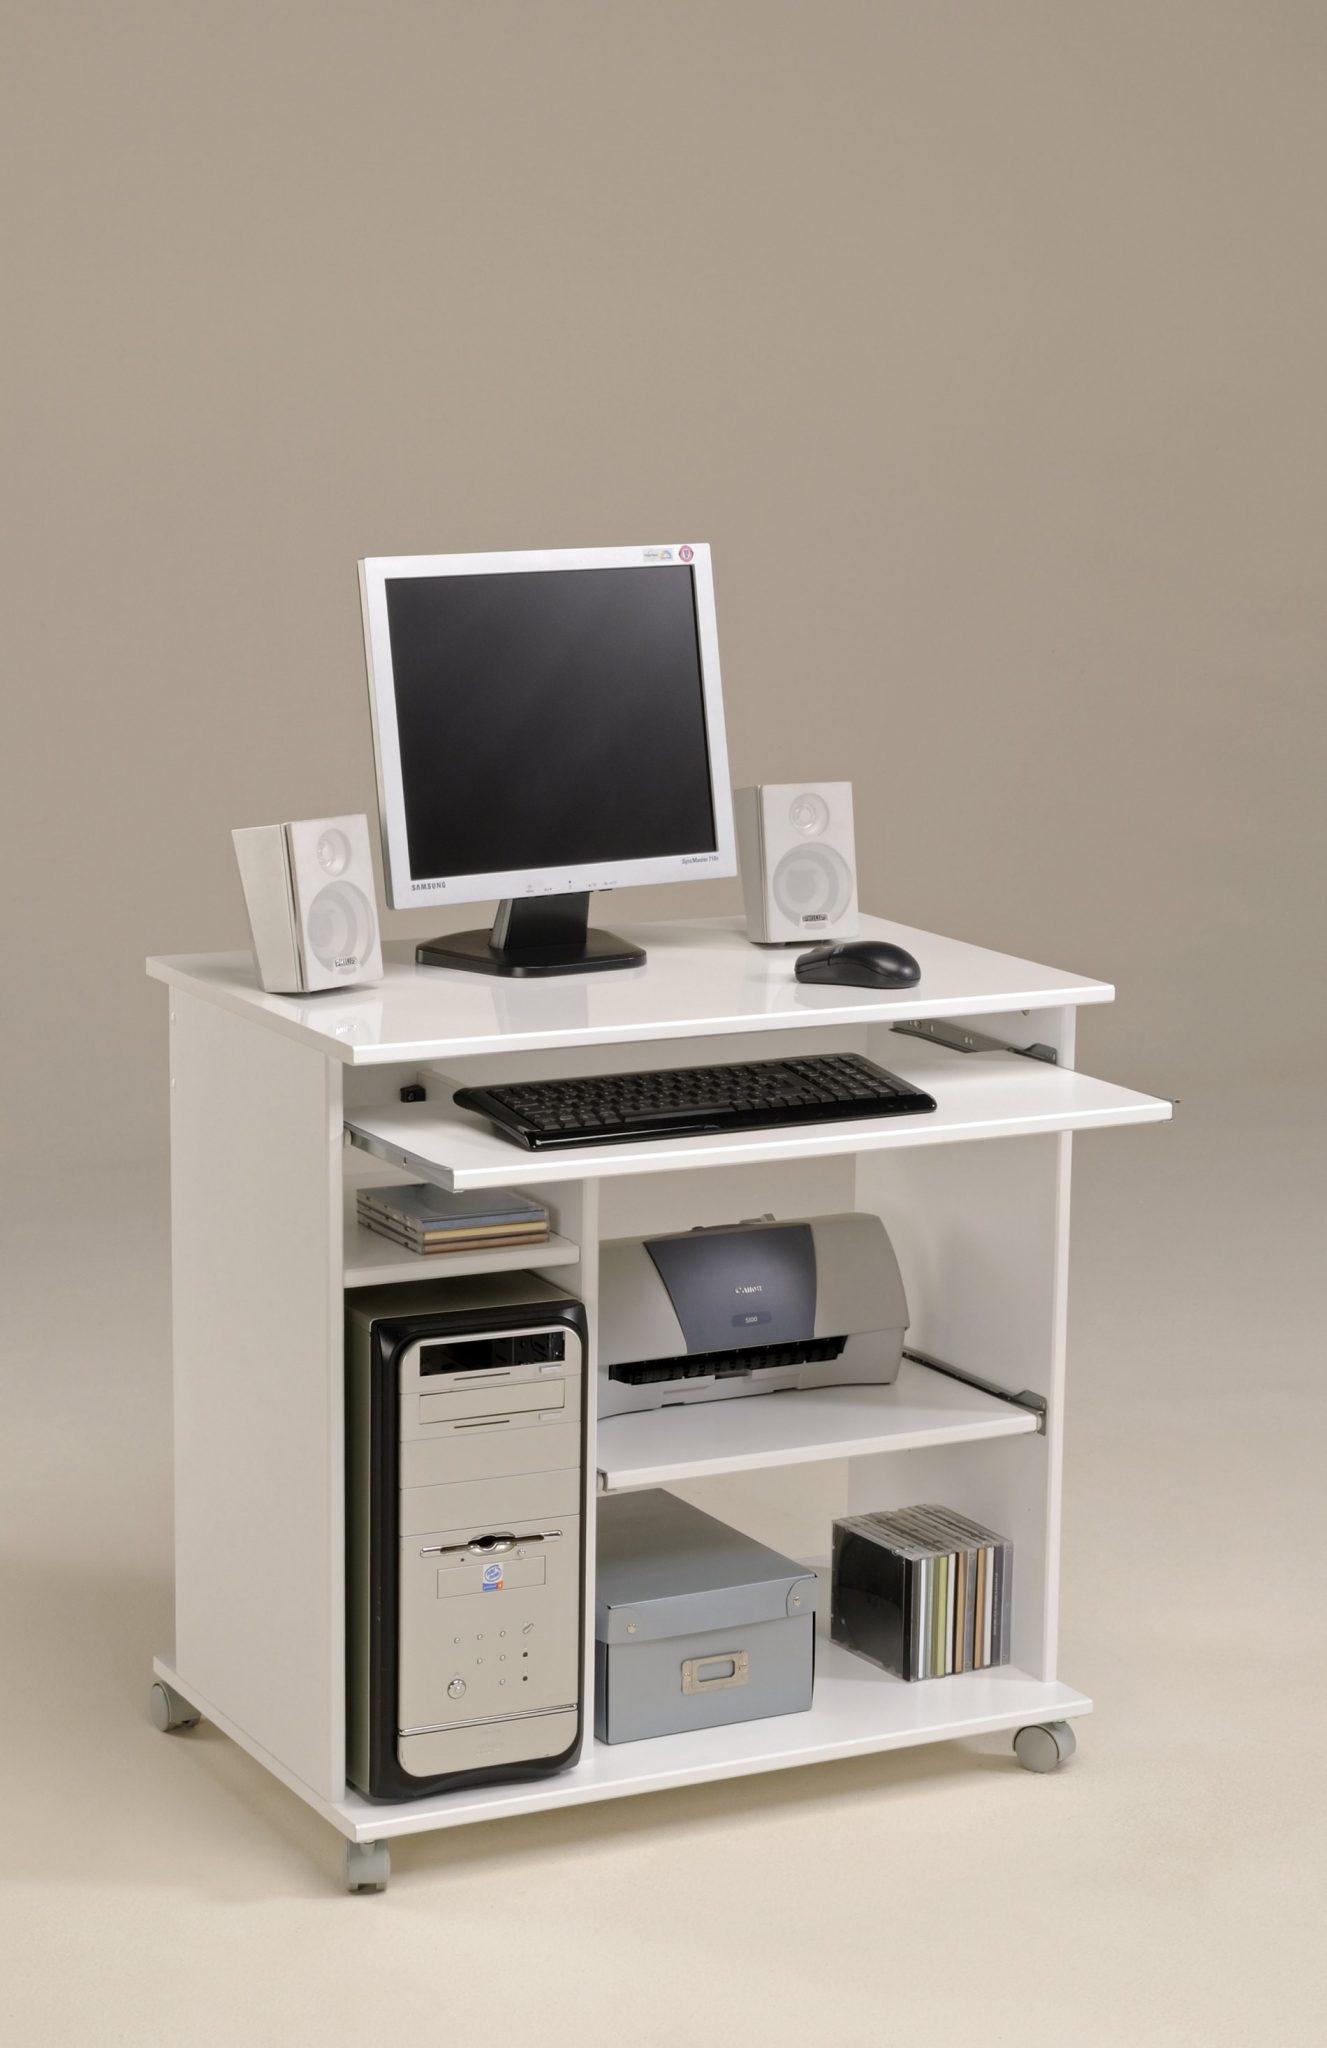 Pc de bureau complet pas cher le coin gamer - Ordinateur de bureau pas cher et performant ...